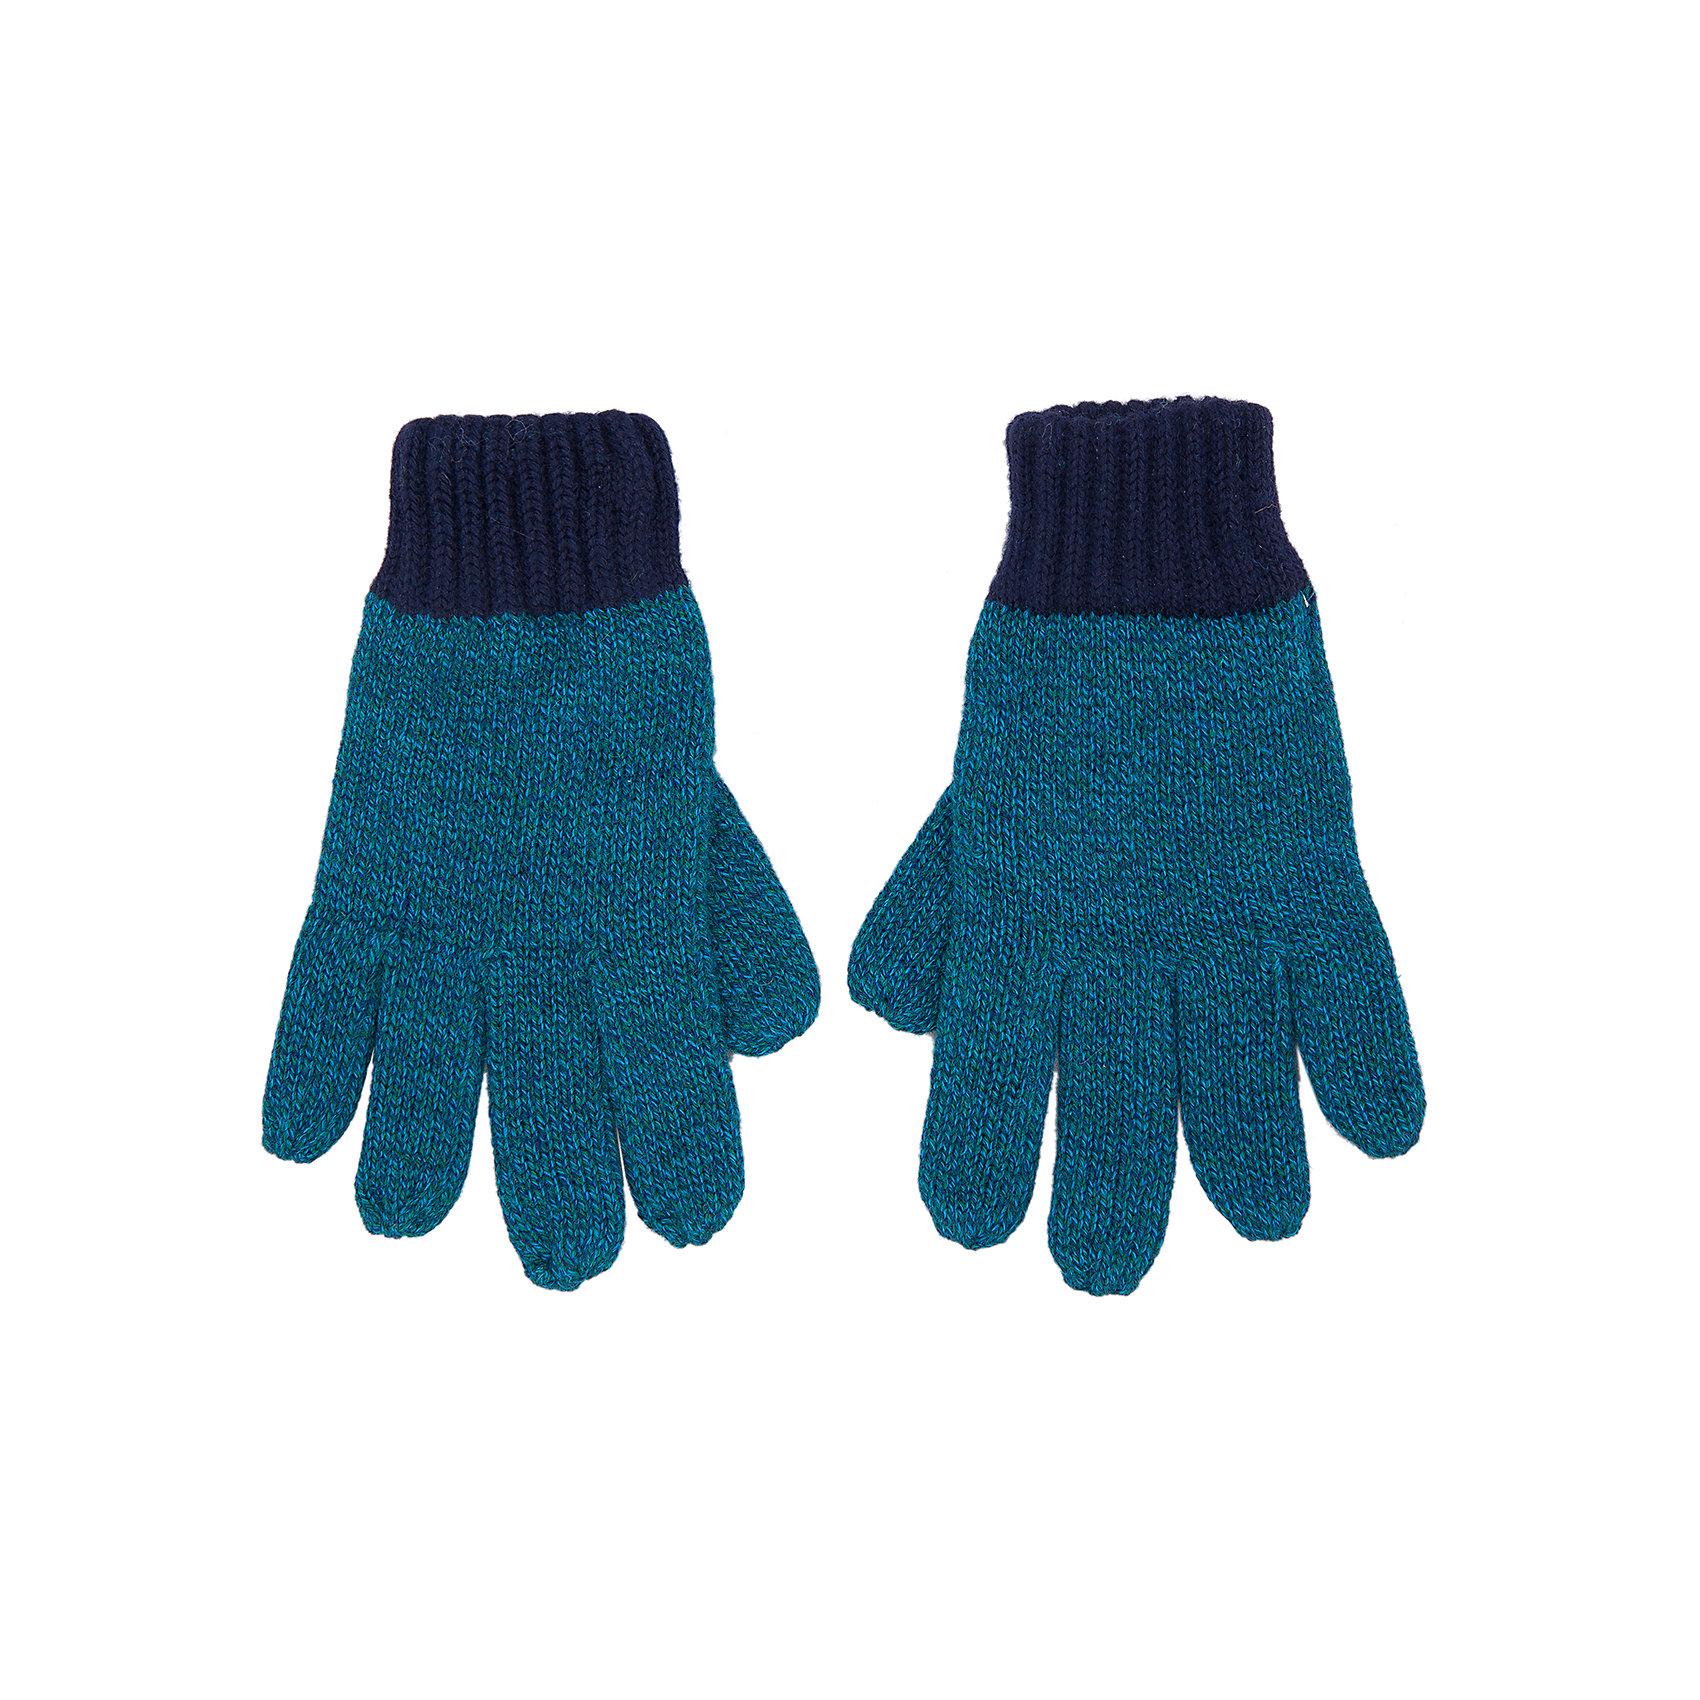 Перчатки для мальчика SELAДетская одежда от SELA - это качественные модные вещи по привлекательным ценам. Данная модель относится к коллекции нового сезона, она учитывает последние тренды в моде, поэтому смотрится стильно, с ней можно создать множество ансамблей.<br>Эти перчатки отлично садятся по руке. Резинки внизу изделий обеспечат ребенку тепло и удобство. В составе пряжи -  теплая шерсть. Изделие сшито из тщательно подобранных материалов, абсолютно безопасных для ребенка.<br><br>Дополнительная информация:<br><br>цвет: зеленый;<br>состав: 40% ПЭ, 30% акрил, 20% нейлон, 10% шерсть;<br>резинка внизу изделия.<br><br>Перчатки для мальчика от компании SELA можно купить в нашем магазине.<br><br>Ширина мм: 162<br>Глубина мм: 171<br>Высота мм: 55<br>Вес г: 119<br>Цвет: зеленый<br>Возраст от месяцев: 120<br>Возраст до месяцев: 156<br>Пол: Мужской<br>Возраст: Детский<br>Размер: 18,16<br>SKU: 4913034